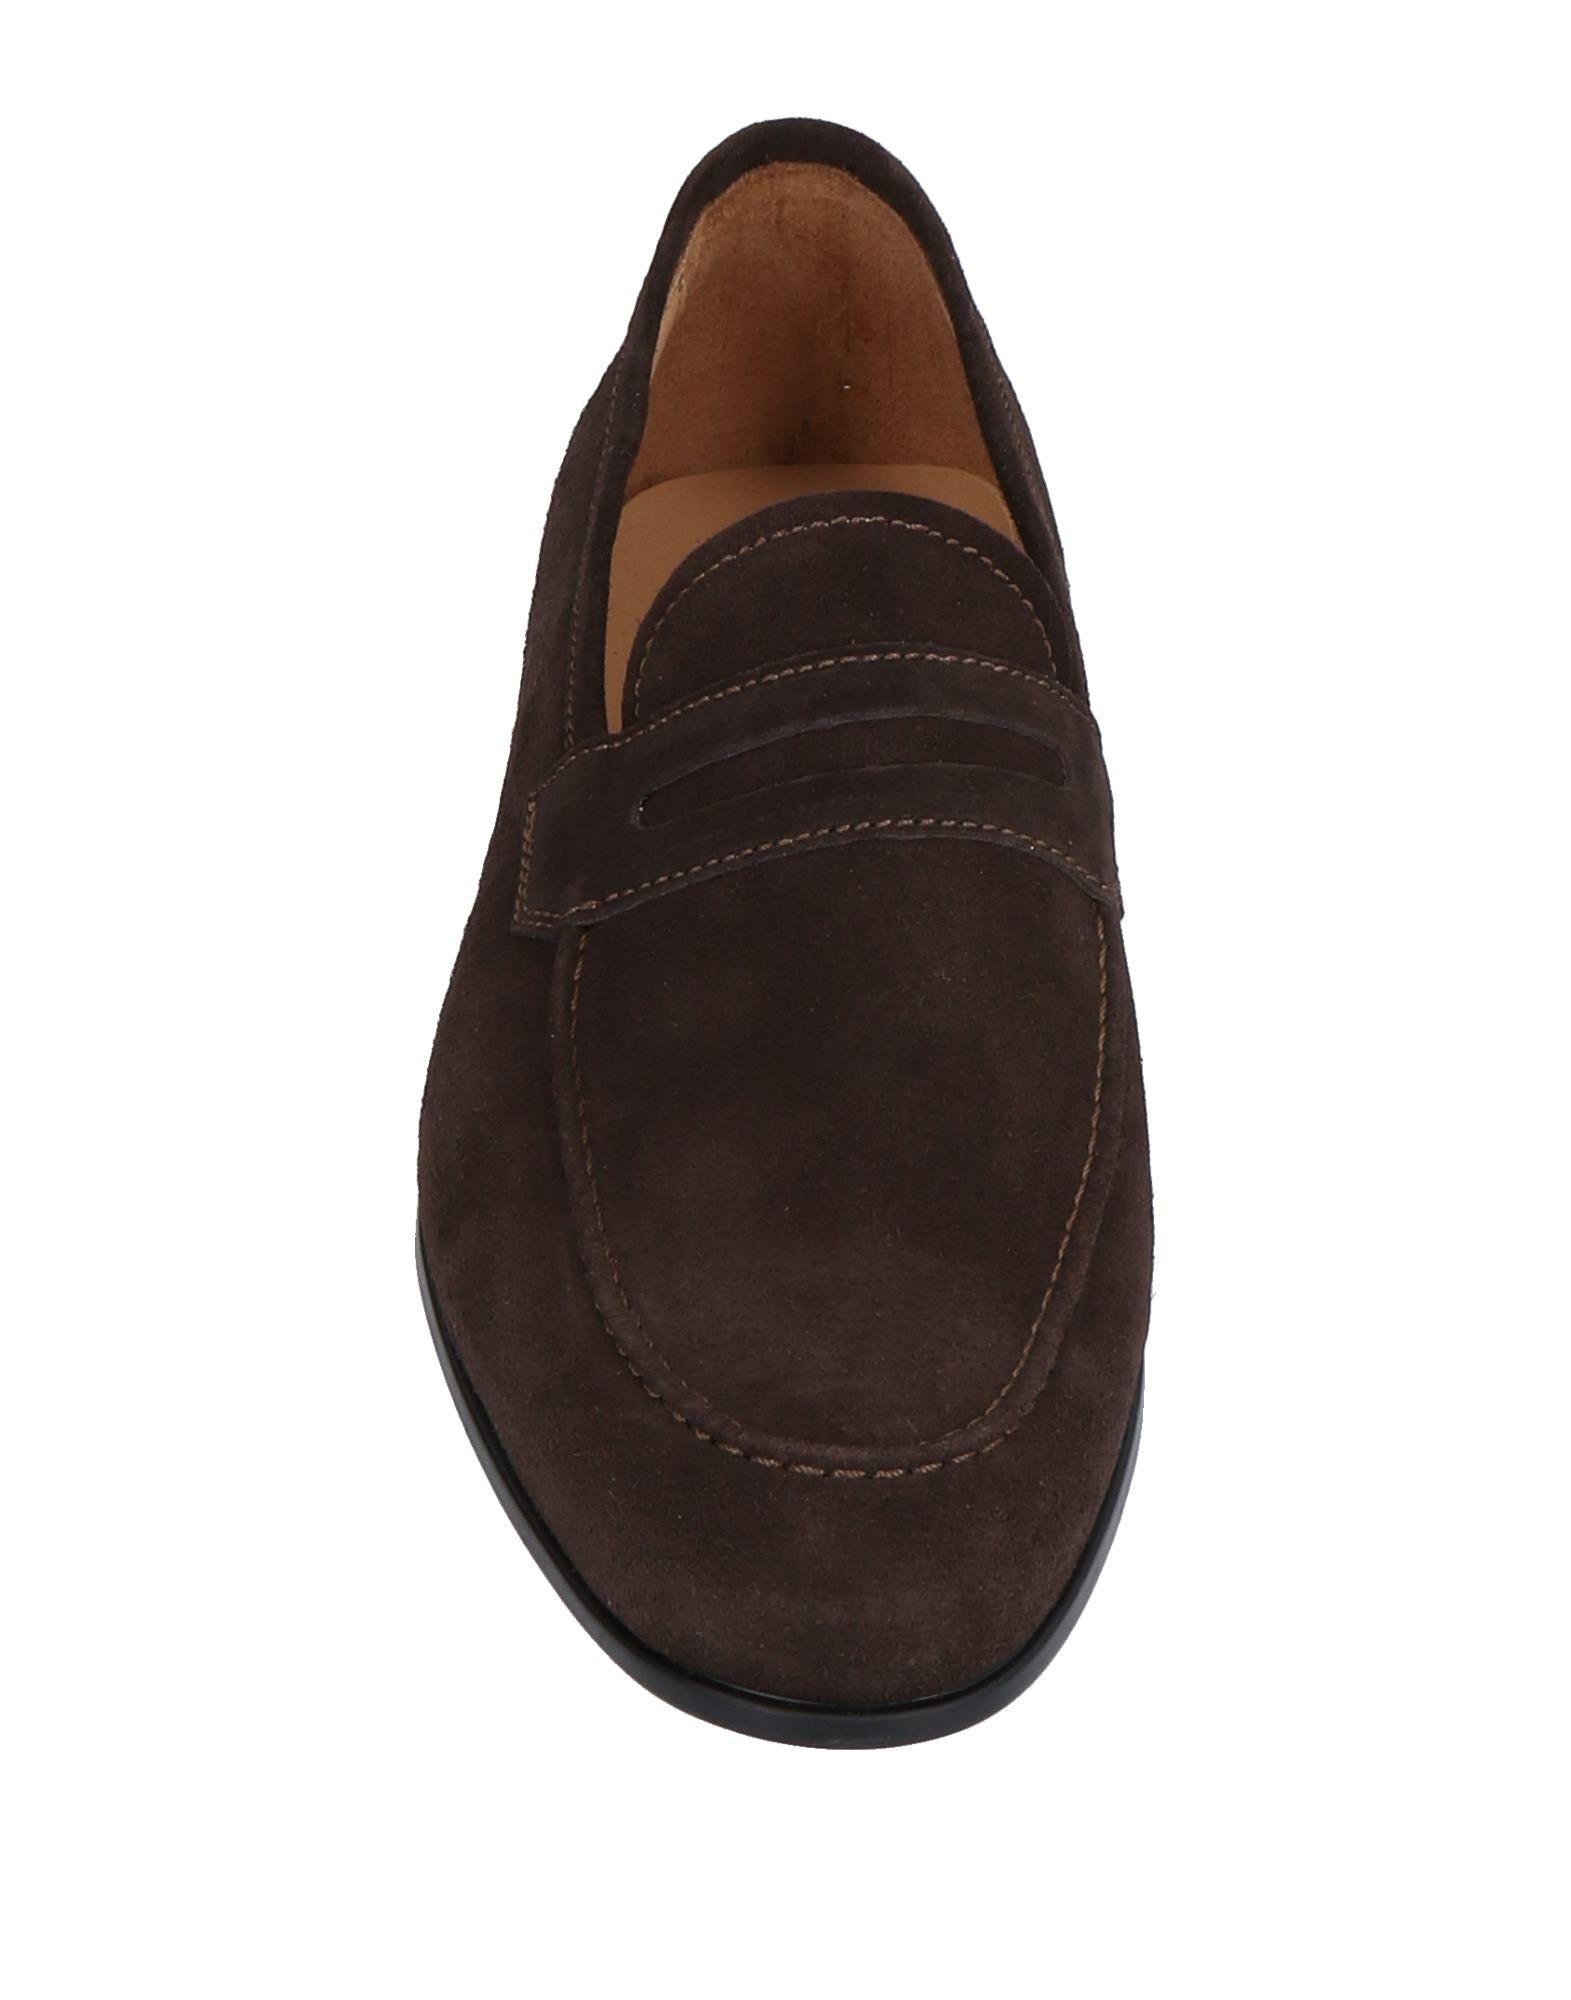 Cantarelli Mokassins Herren  11502259FQ Gute Qualität beliebte Schuhe